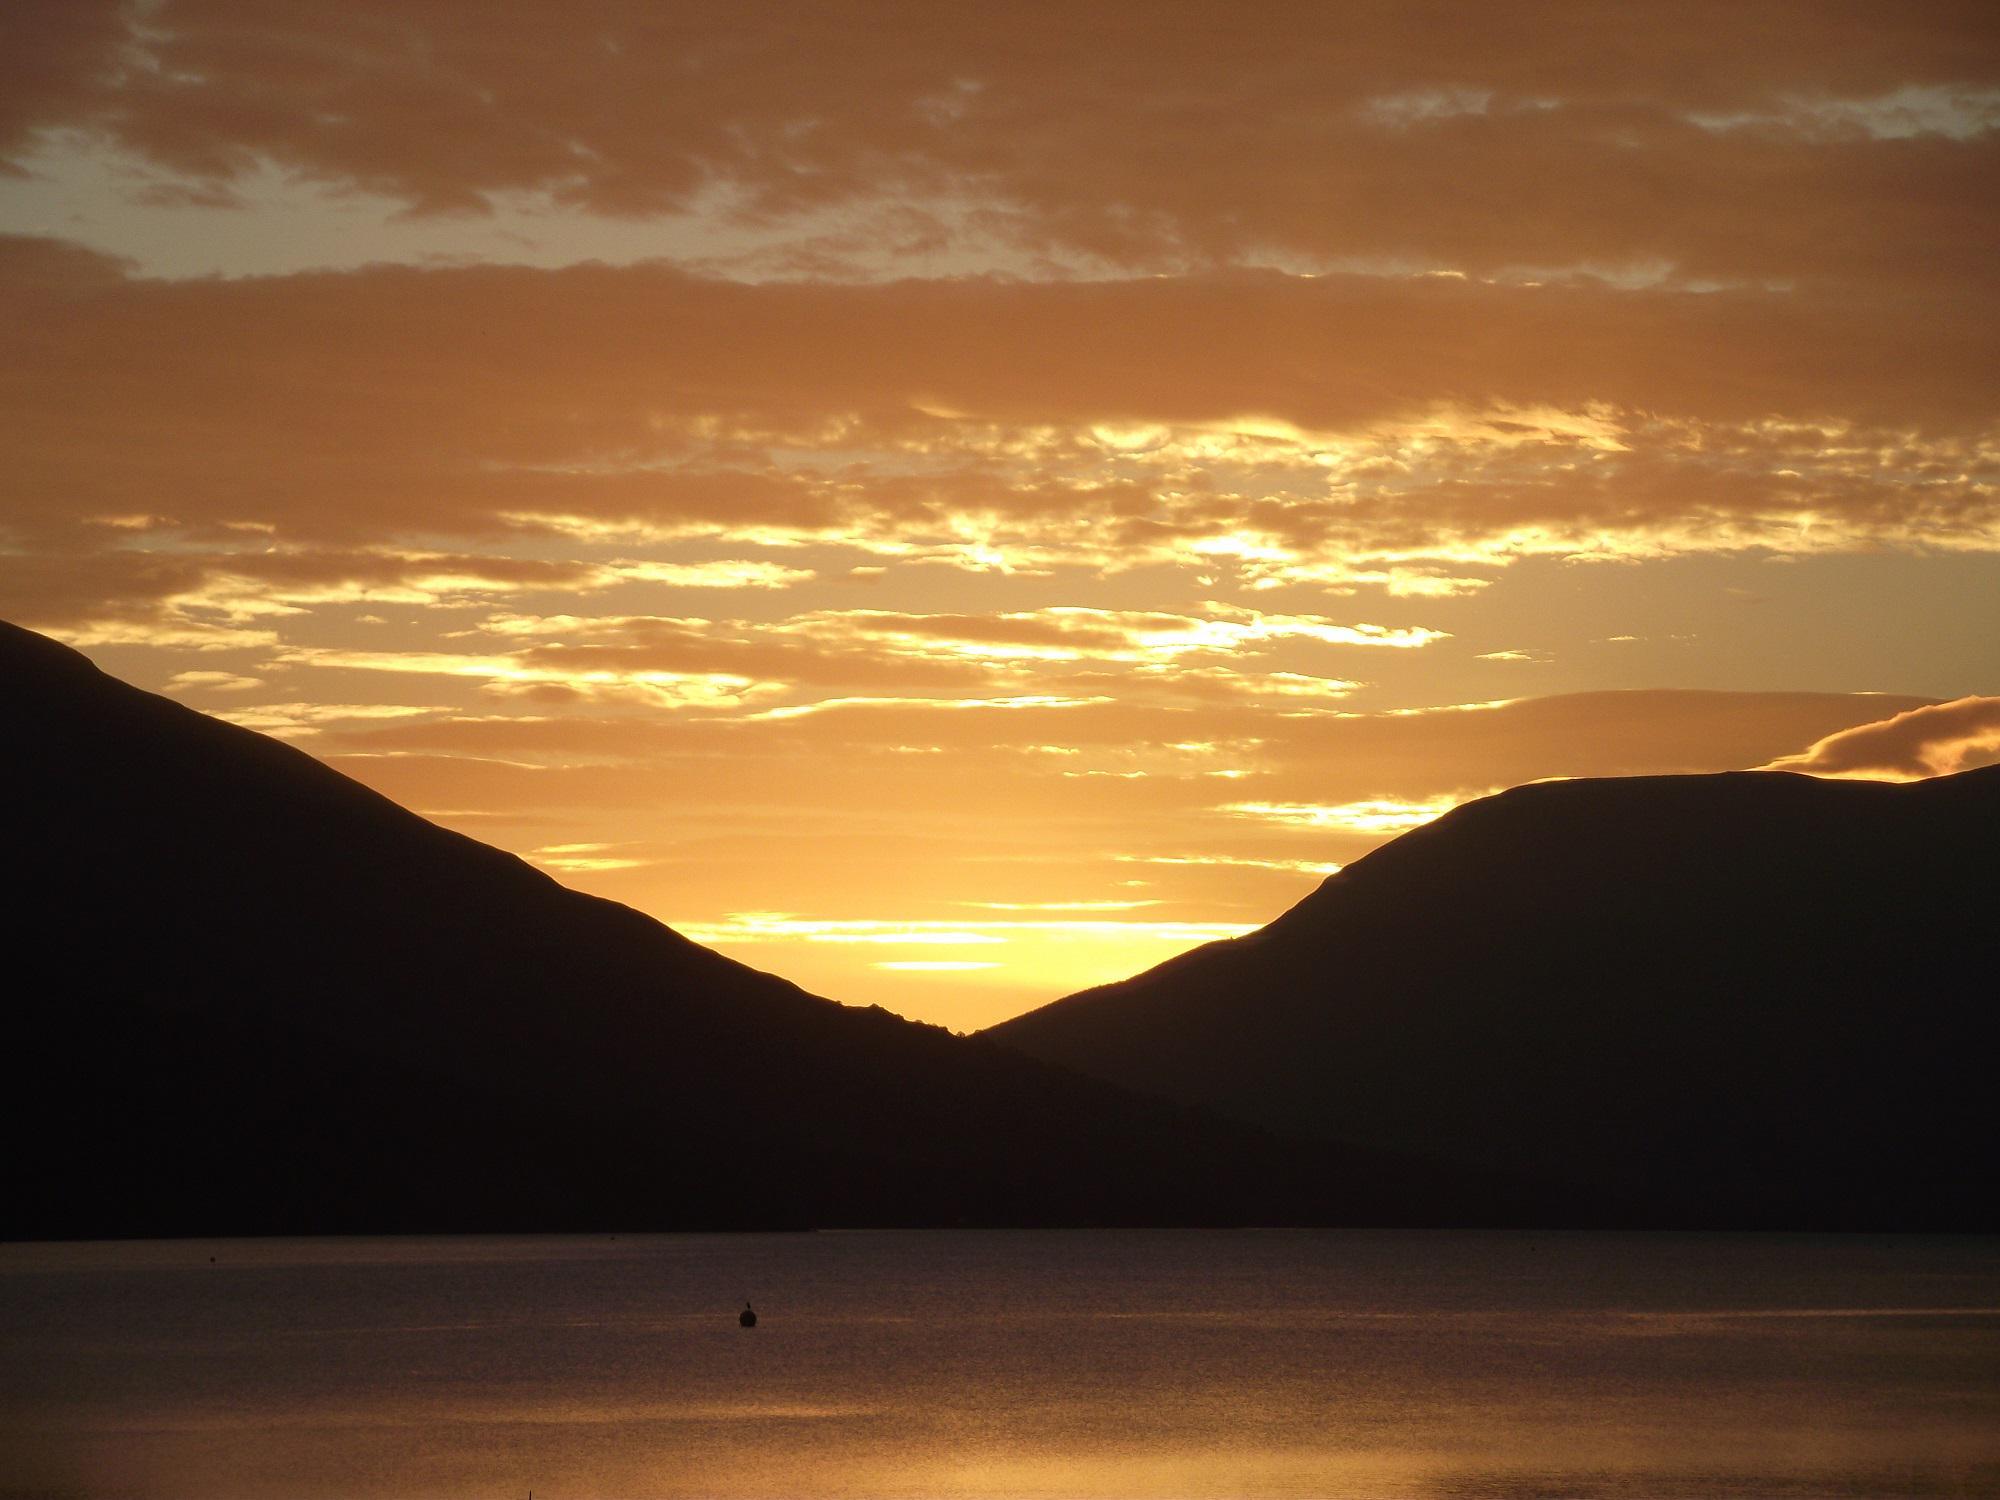 Filmato amatoriale cattura delle strane nuvole in Scozia. Caso UFO?